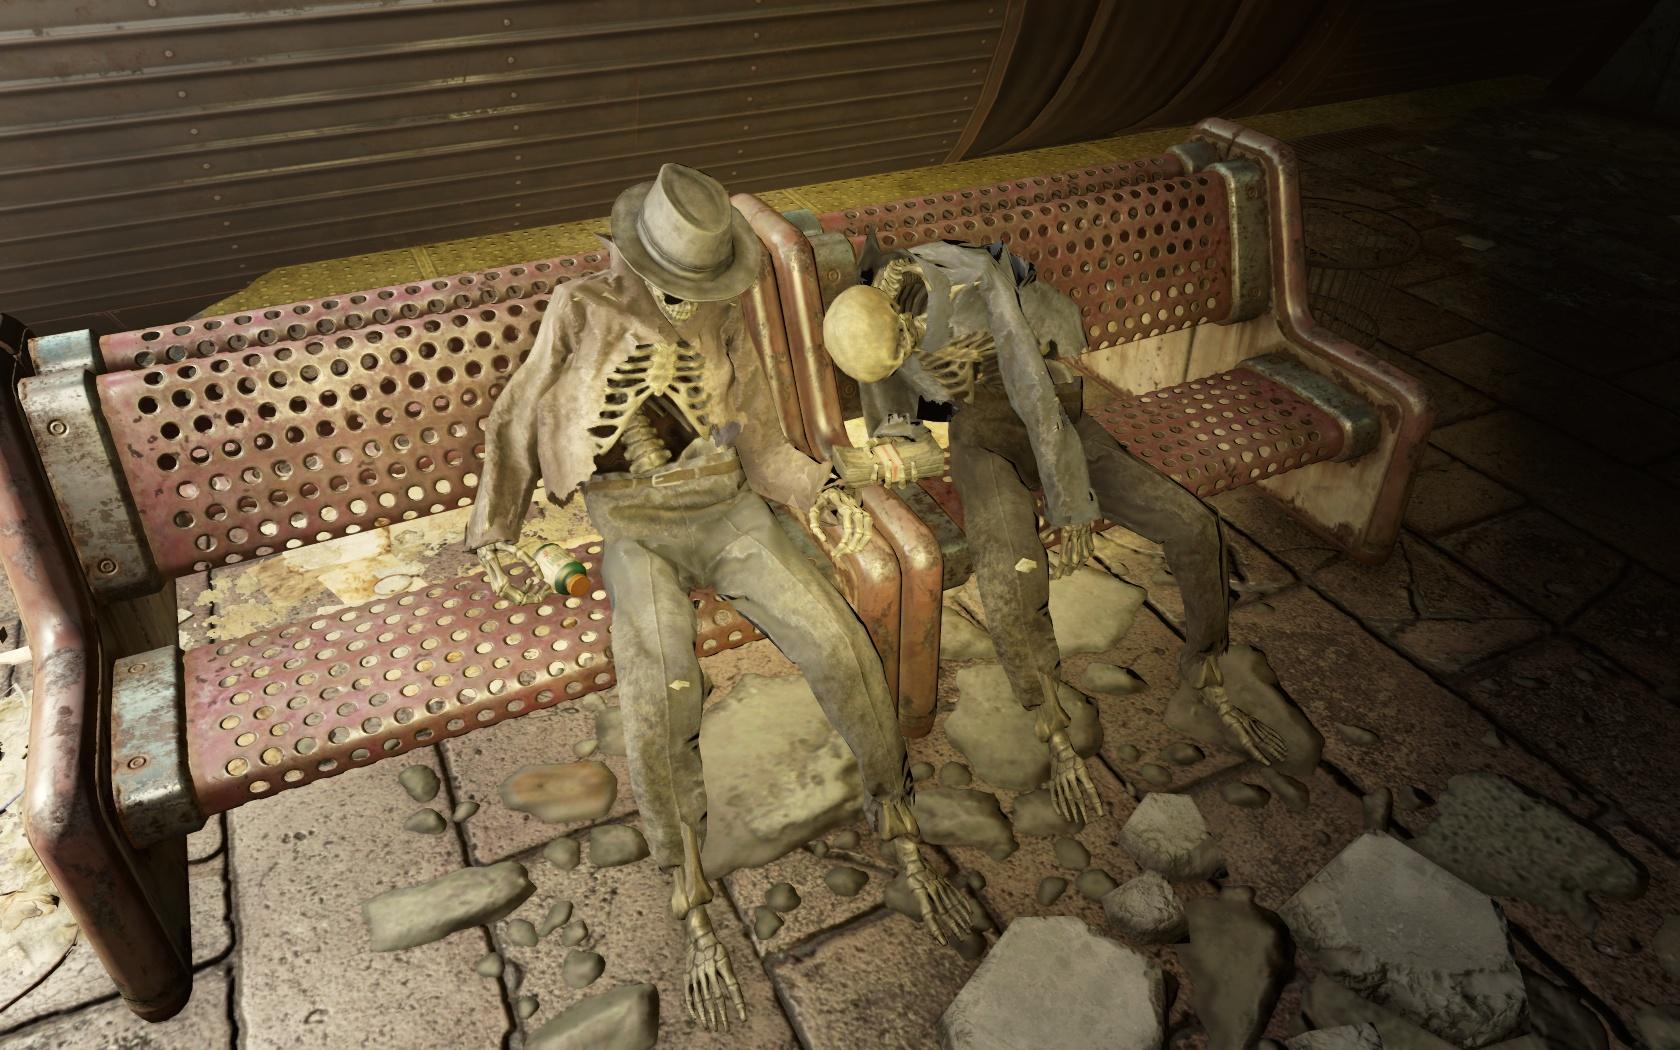 Глюконавт за деньги (Станция Уэст-Роксбери) - Fallout 4 Глюконавт, деньги, Станция, Станция Уэст-Роксбери, Уэст-Роксбери